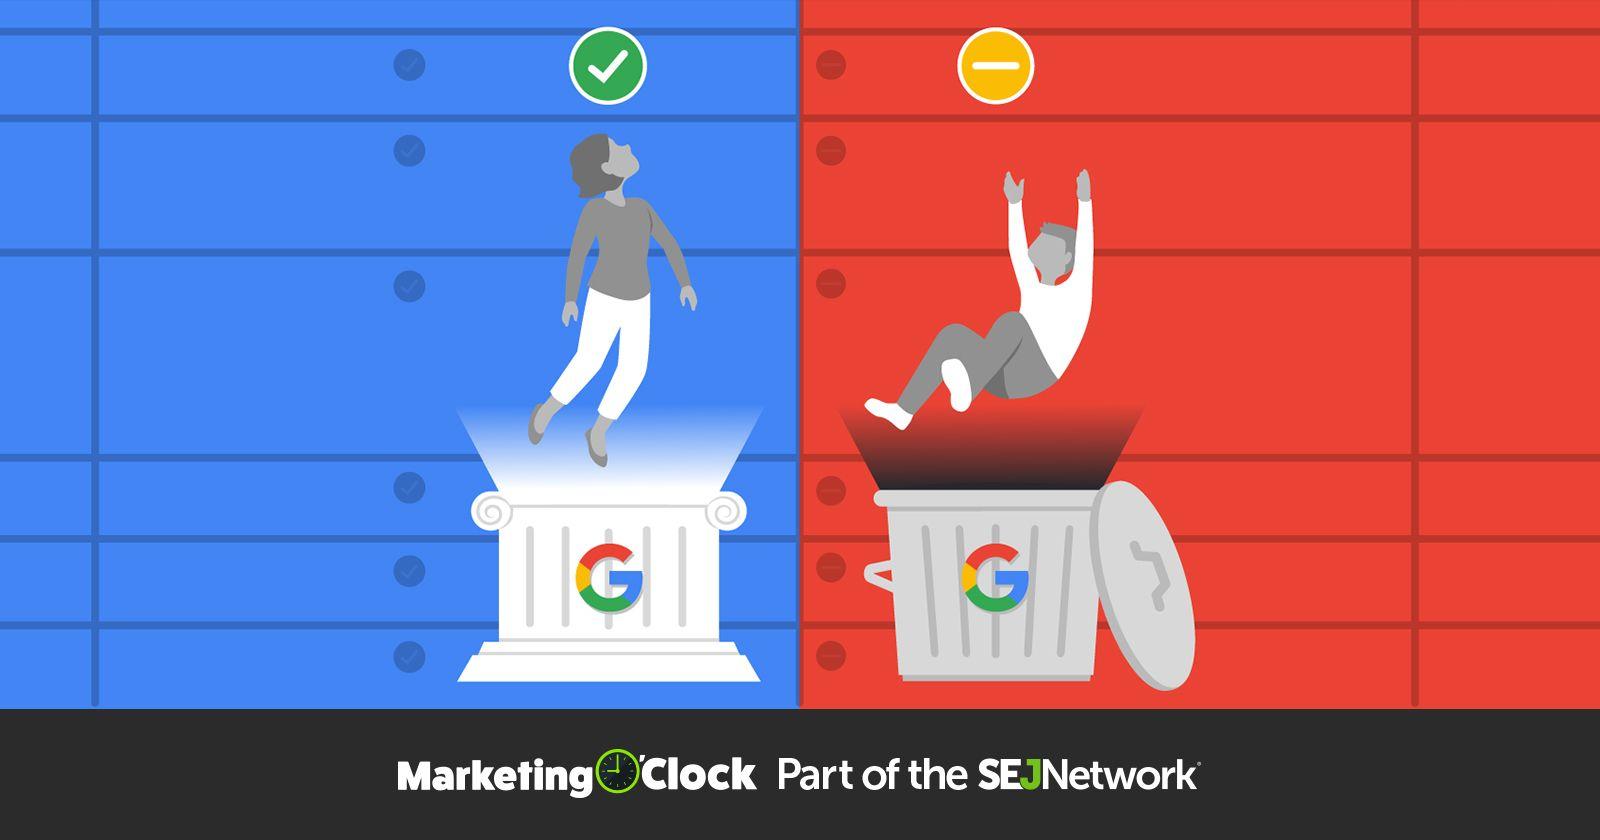 Les exigences du nouveau programme de partenariat de Google ne montrent aucun amour pour les agences et les actualités de cette semaine [PODCAST]